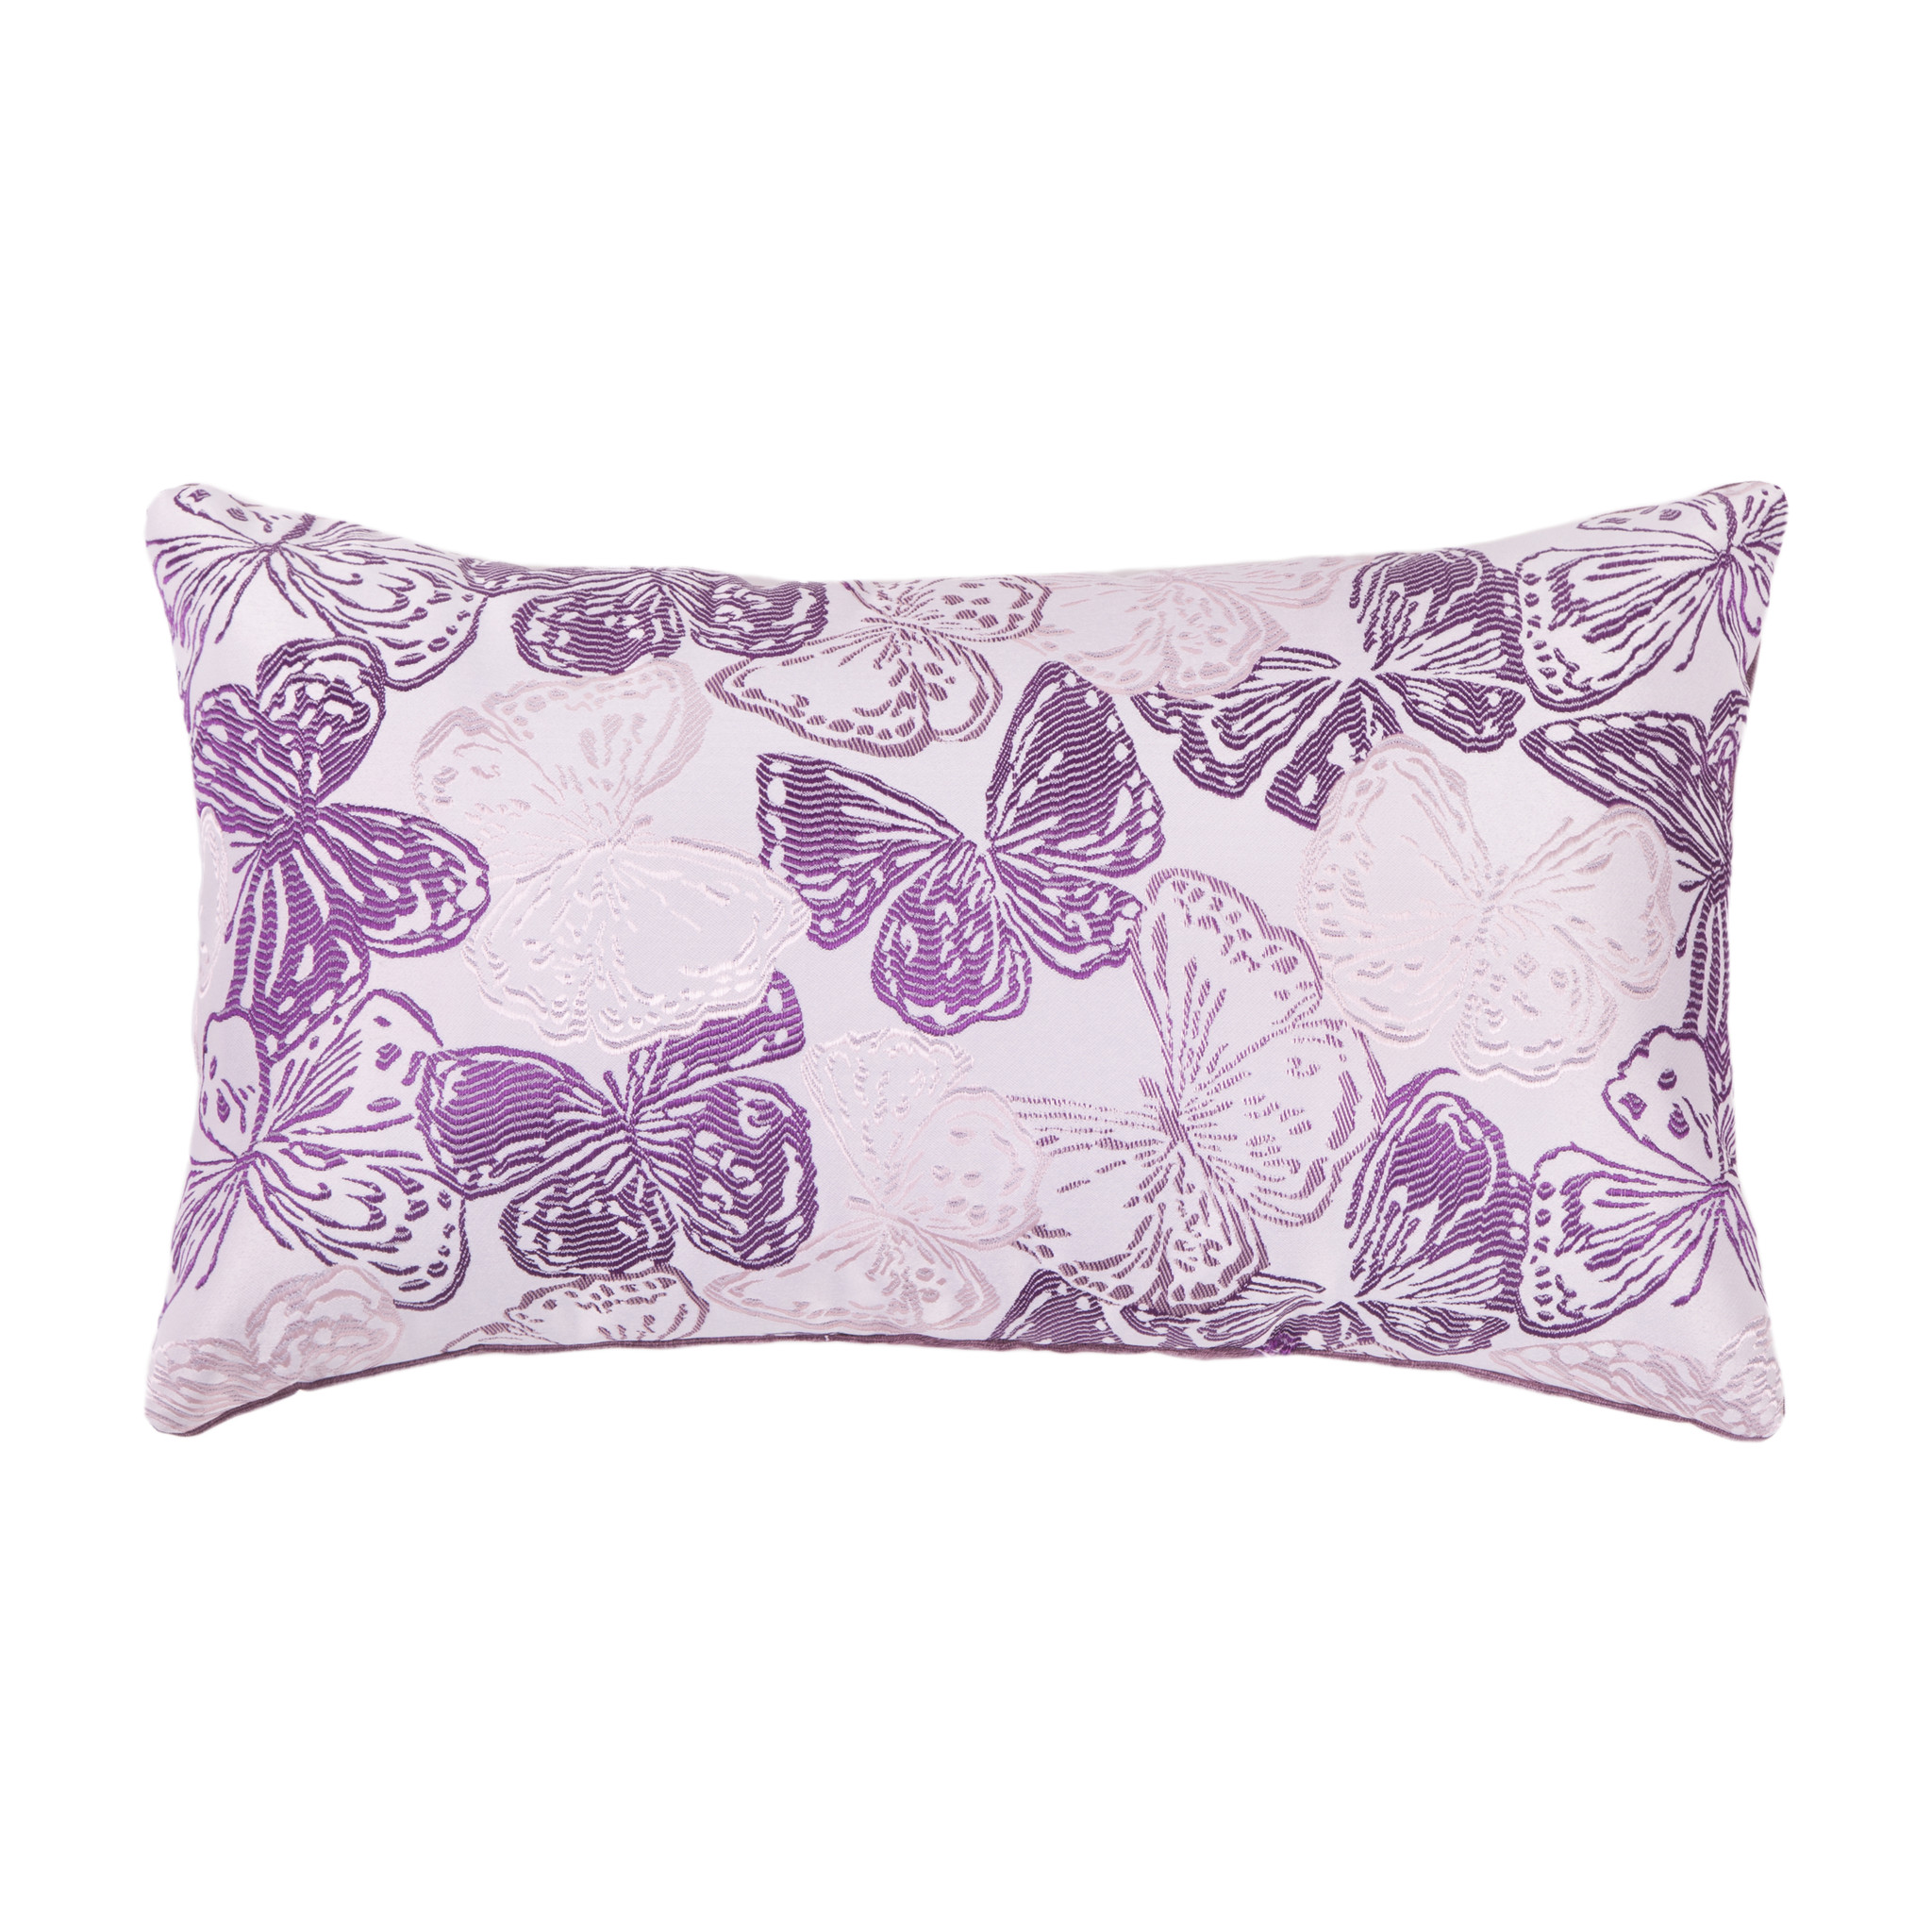 Подушка Фиалковые бабочкиПрямоугольные подушки и наволочки<br>Двусторонняя декоративная подушка &amp;quot;Фиалковые бабочки &amp;quot; станет ярким акцентом в вашем интерьере. На одной стороне принт с красочными бабочками сочно-фиолетовый и нежно-сиреневых тонов, на другой стороне - нежный велюр сделают пространство комнаты веселым и радостным.  Высококачественный материал приятен для кожи и безопасен даже для самой чувствительной кожи.  Оригинальный дизайнерский принт сделает пространство стильным и своеобразным.  Красивый рисунок на ткани станет ярким акцентом в вашем декоре.<br><br>Material: Текстиль<br>Ширина см: 50<br>Высота см: 30<br>Глубина см: 10